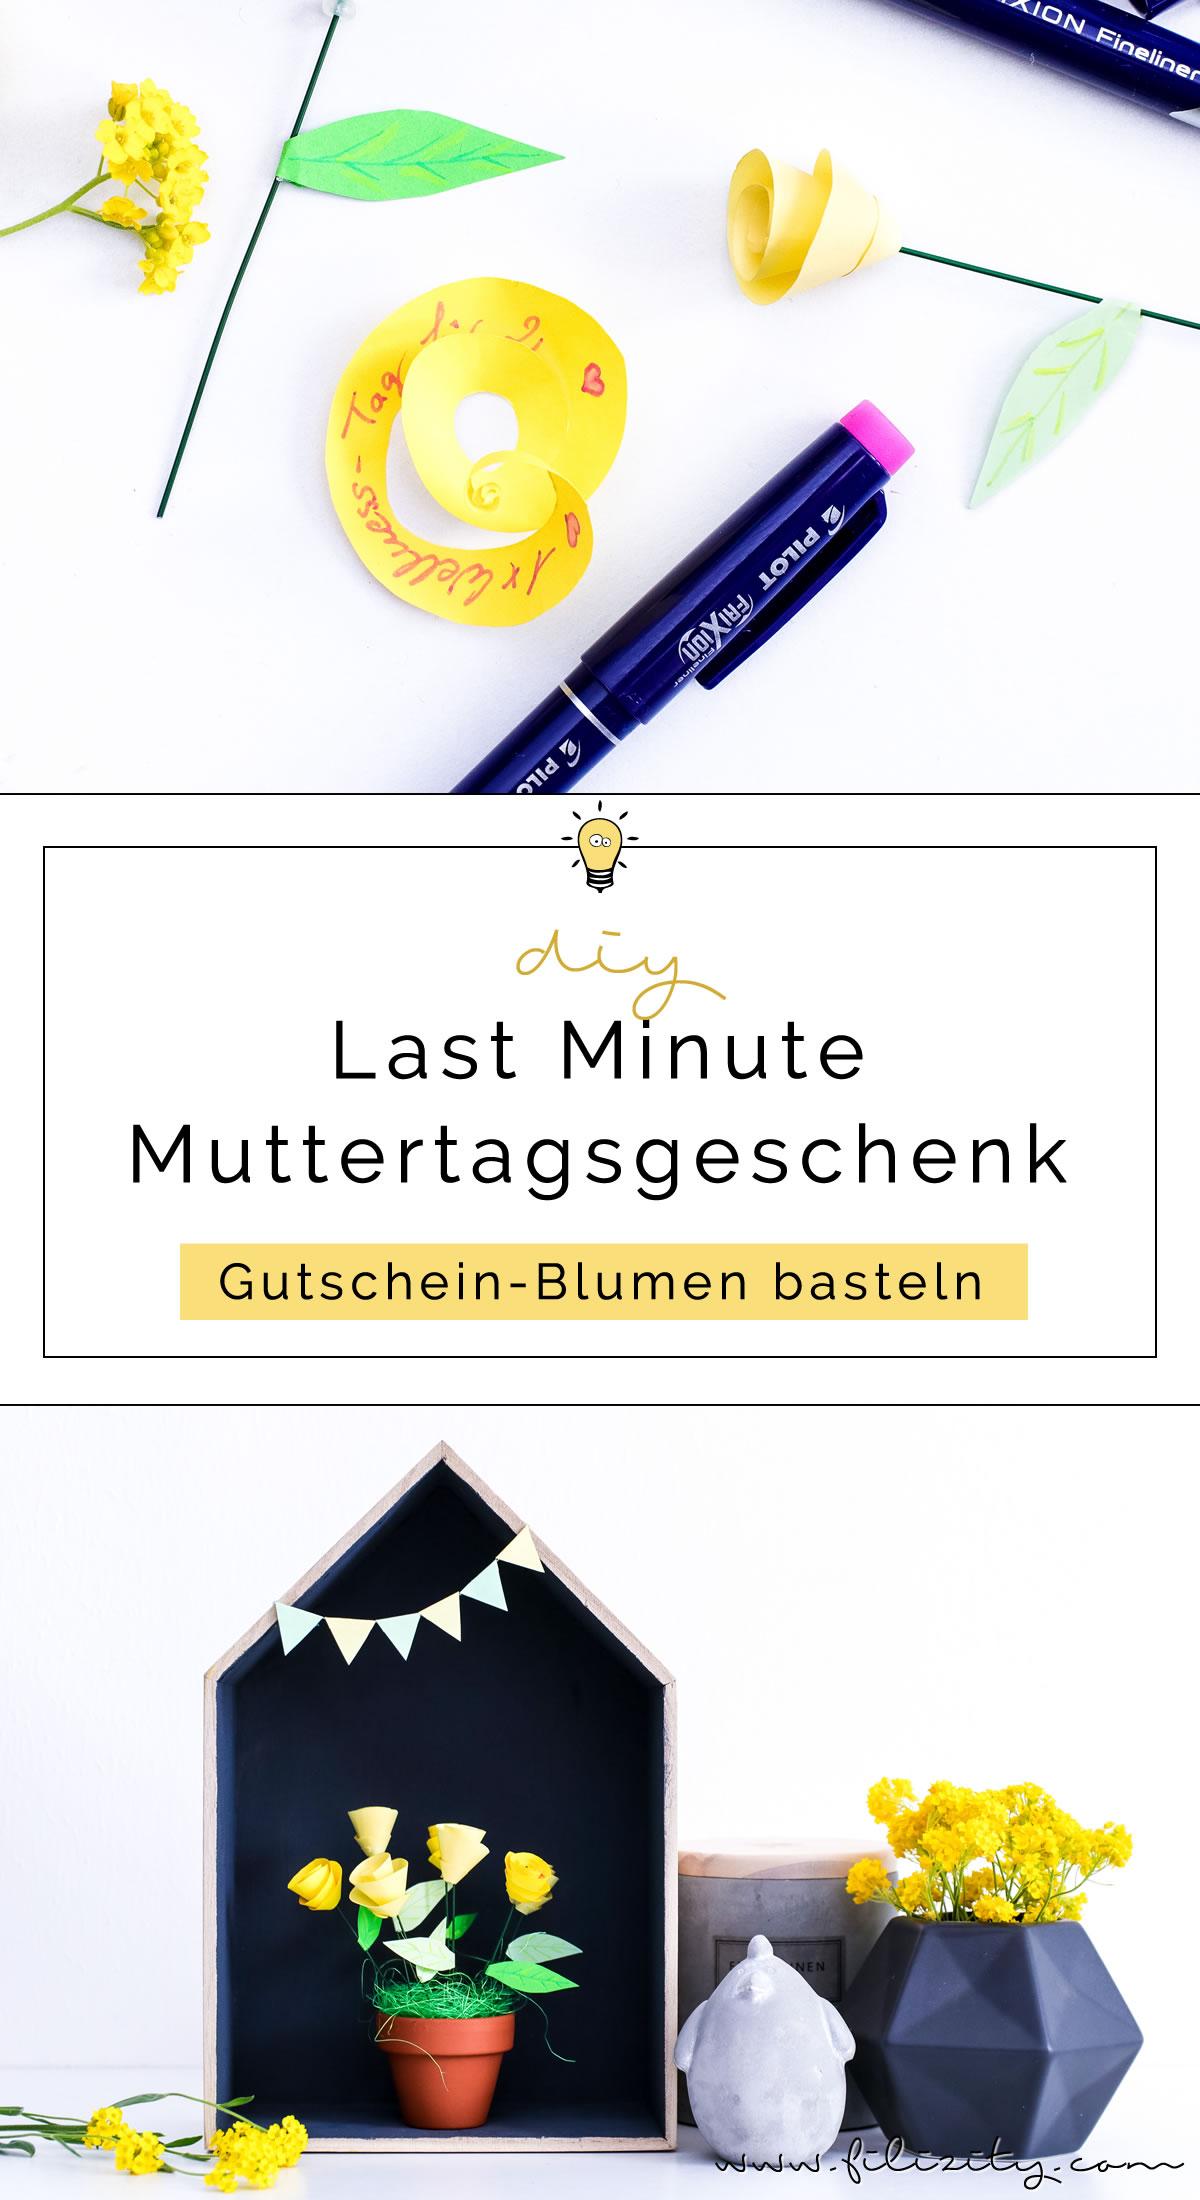 DIY Last Minute Muttertagsgeschenk Gutschein-Blumen basteln | Filizity.com - DIY-Blog aus dem Rheinland #muttertag #geschenkidee #gutschein #origami